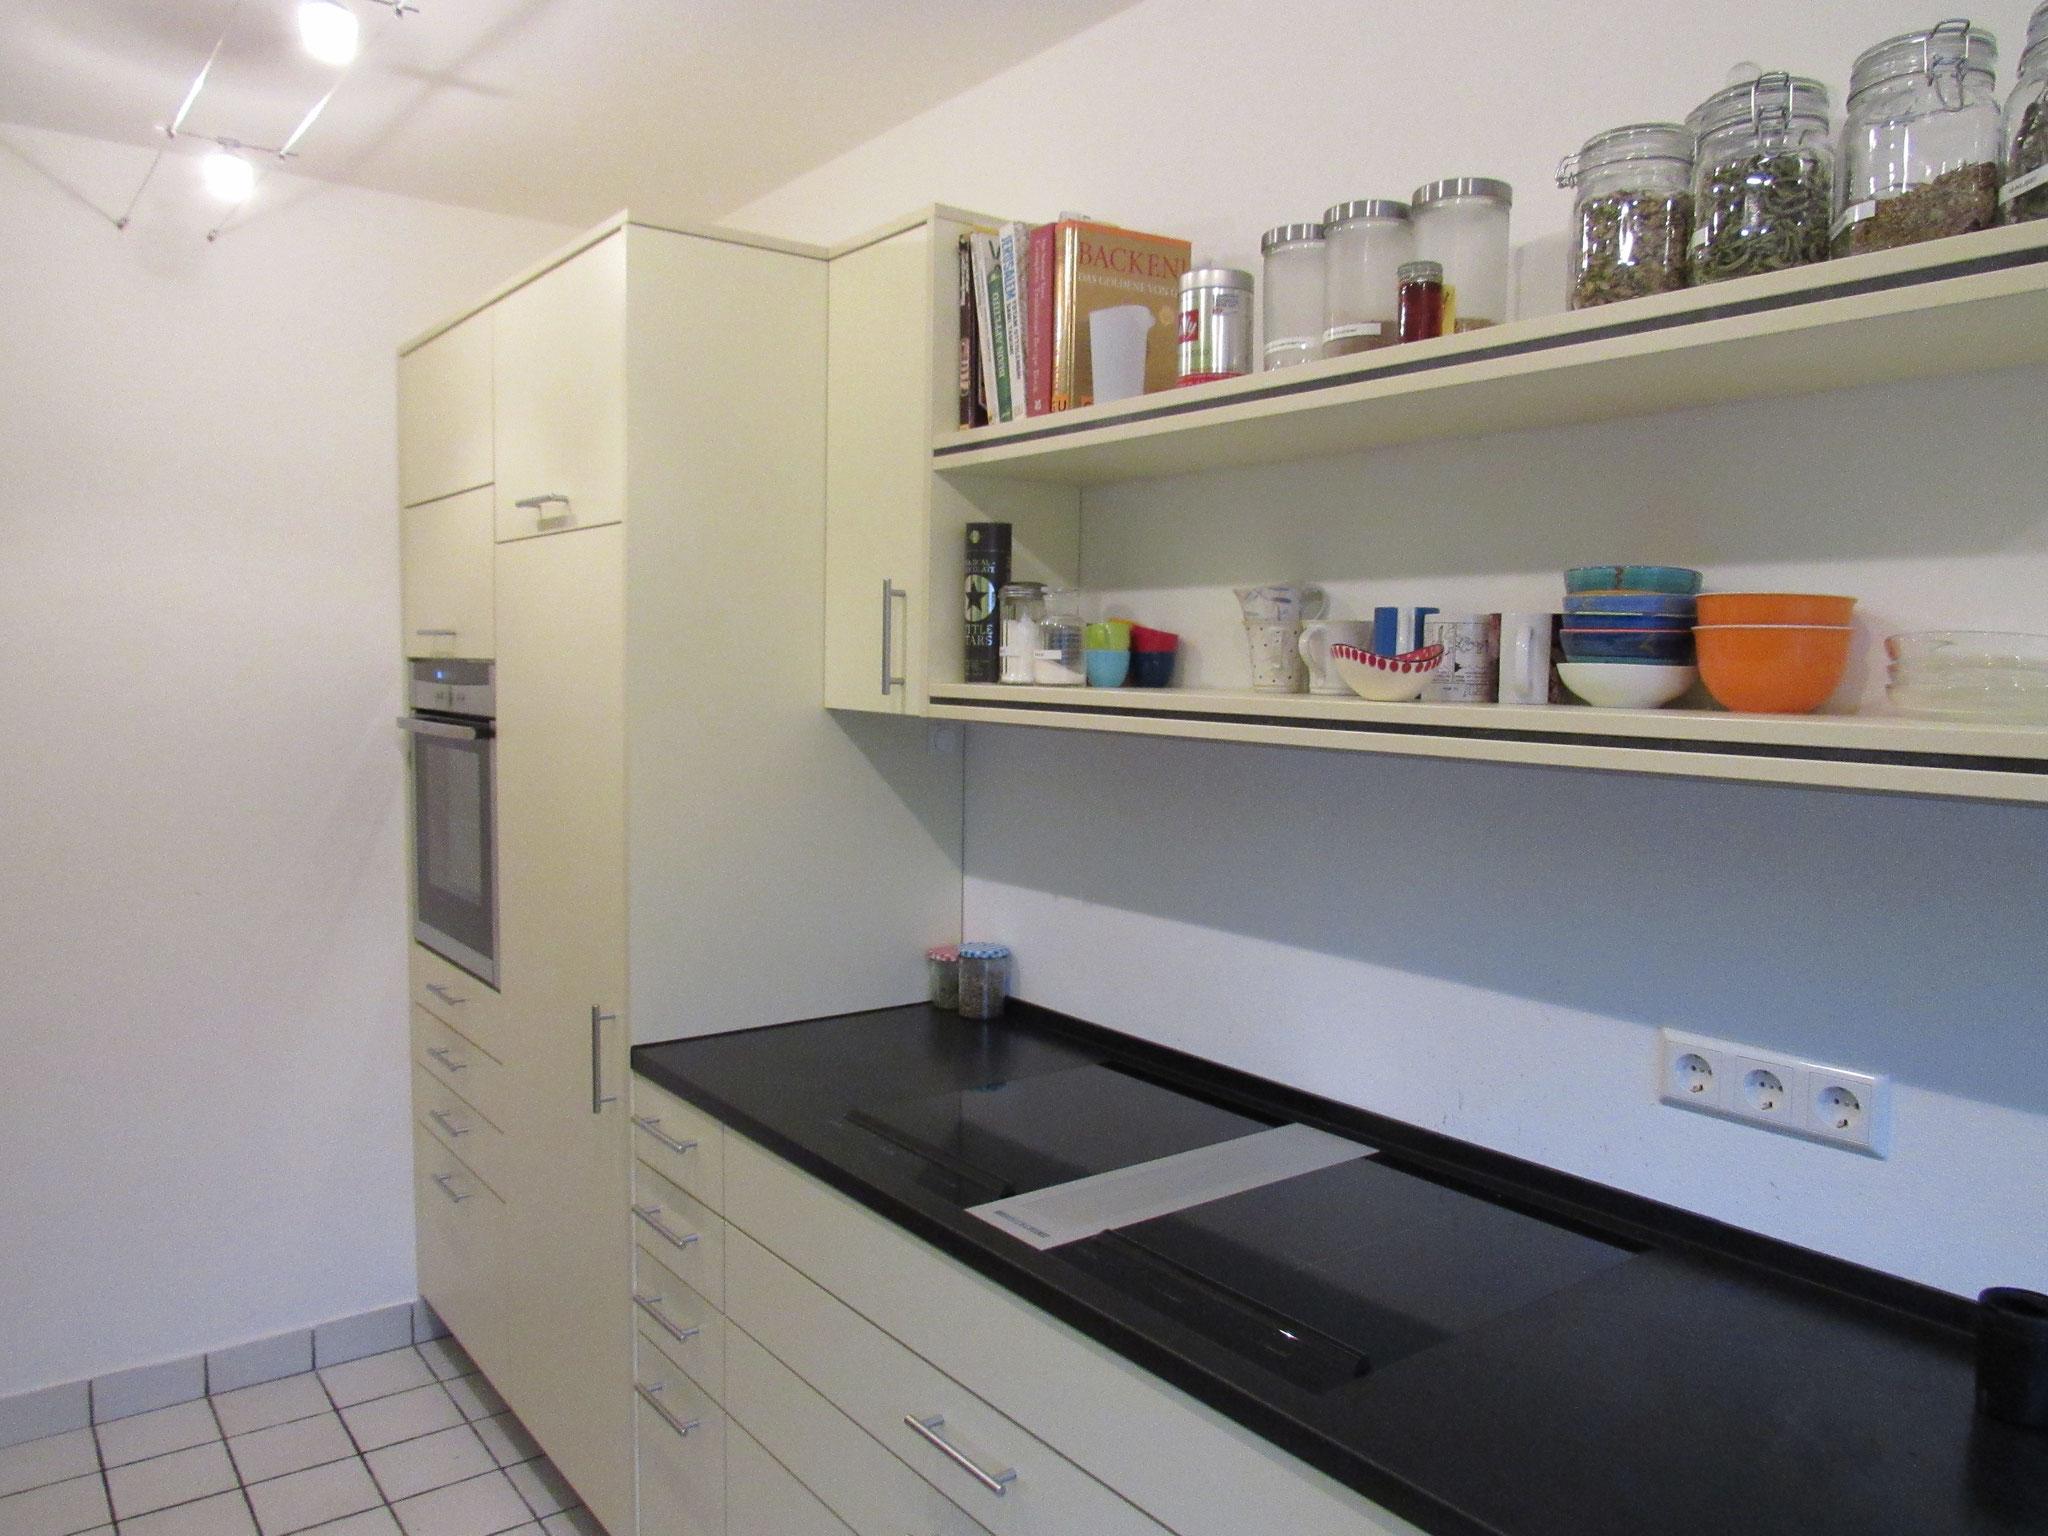 Einbauküche mit Flächenbündig eingelassener Dunstabzug in der Arbeitsfläche